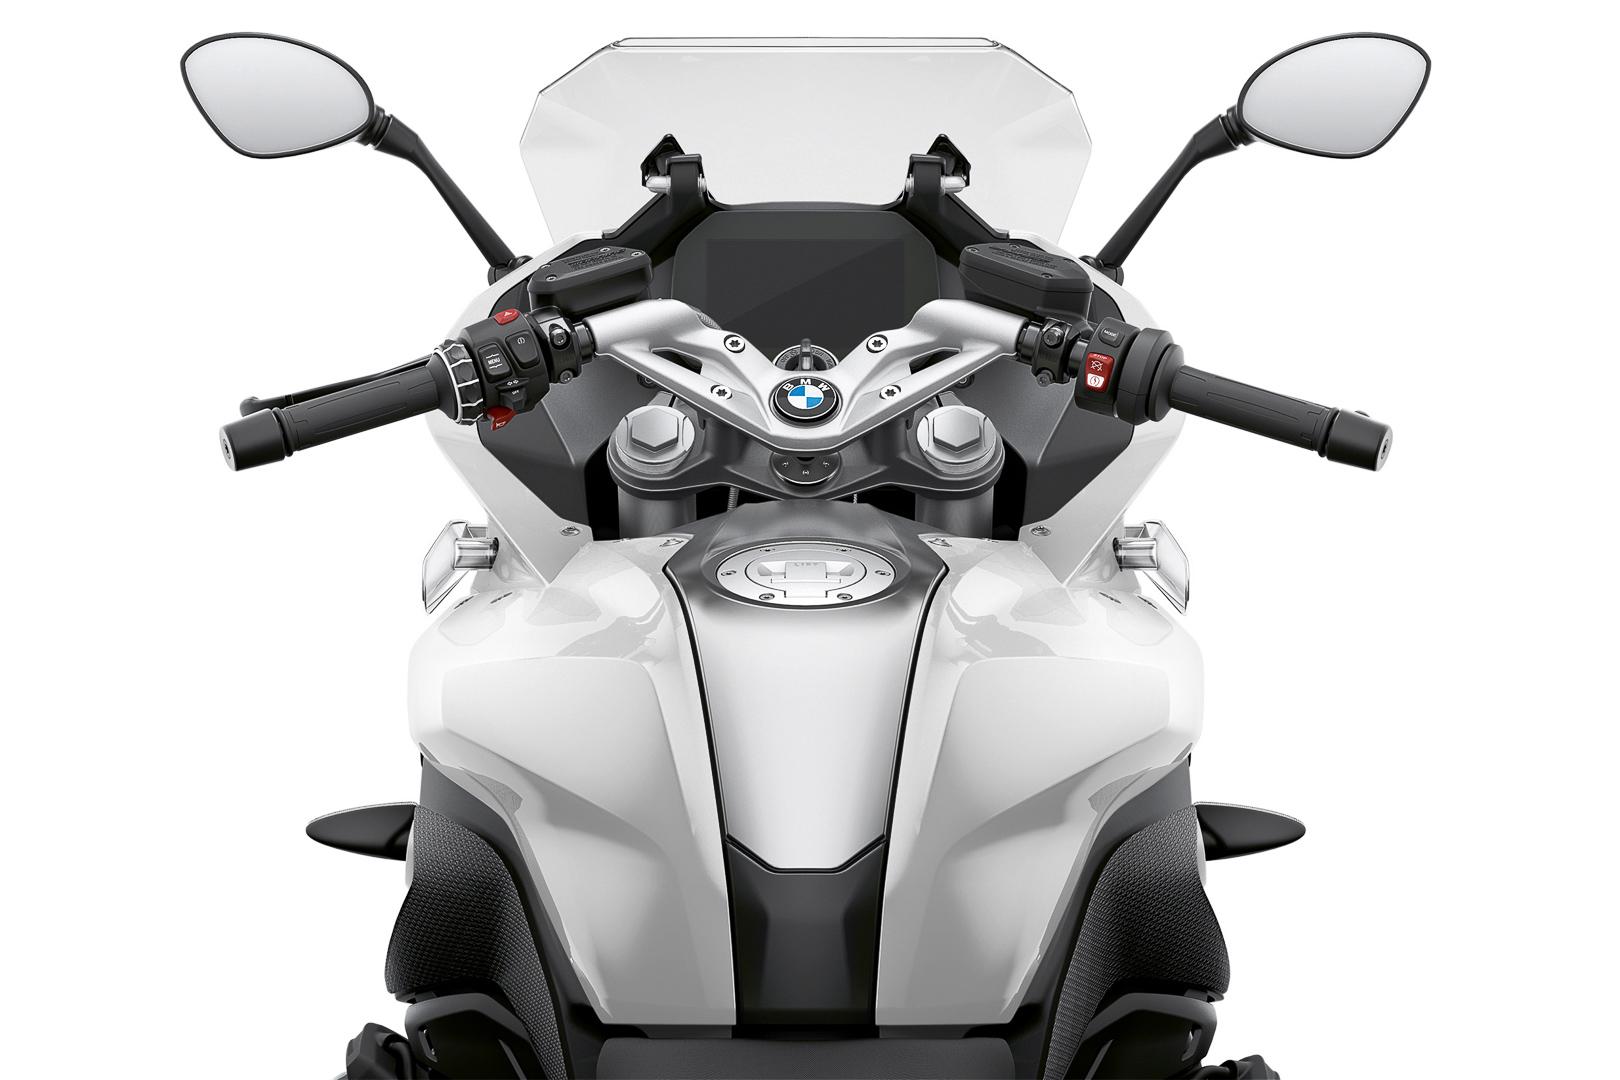 2022 BMW R1250, 2022 BMW R1250,2022 bmw r 1250 rt,2022 bmw r1250gs,2022 bmw r1250gs rumors,2022 bmw r1250gsa,2022 bmw r1250rs,2022 bmwr 1250,2022 bmw r1250gs release date,bmw r 1250 rs 2022,bmw r 1250 gs modelljahr 2022